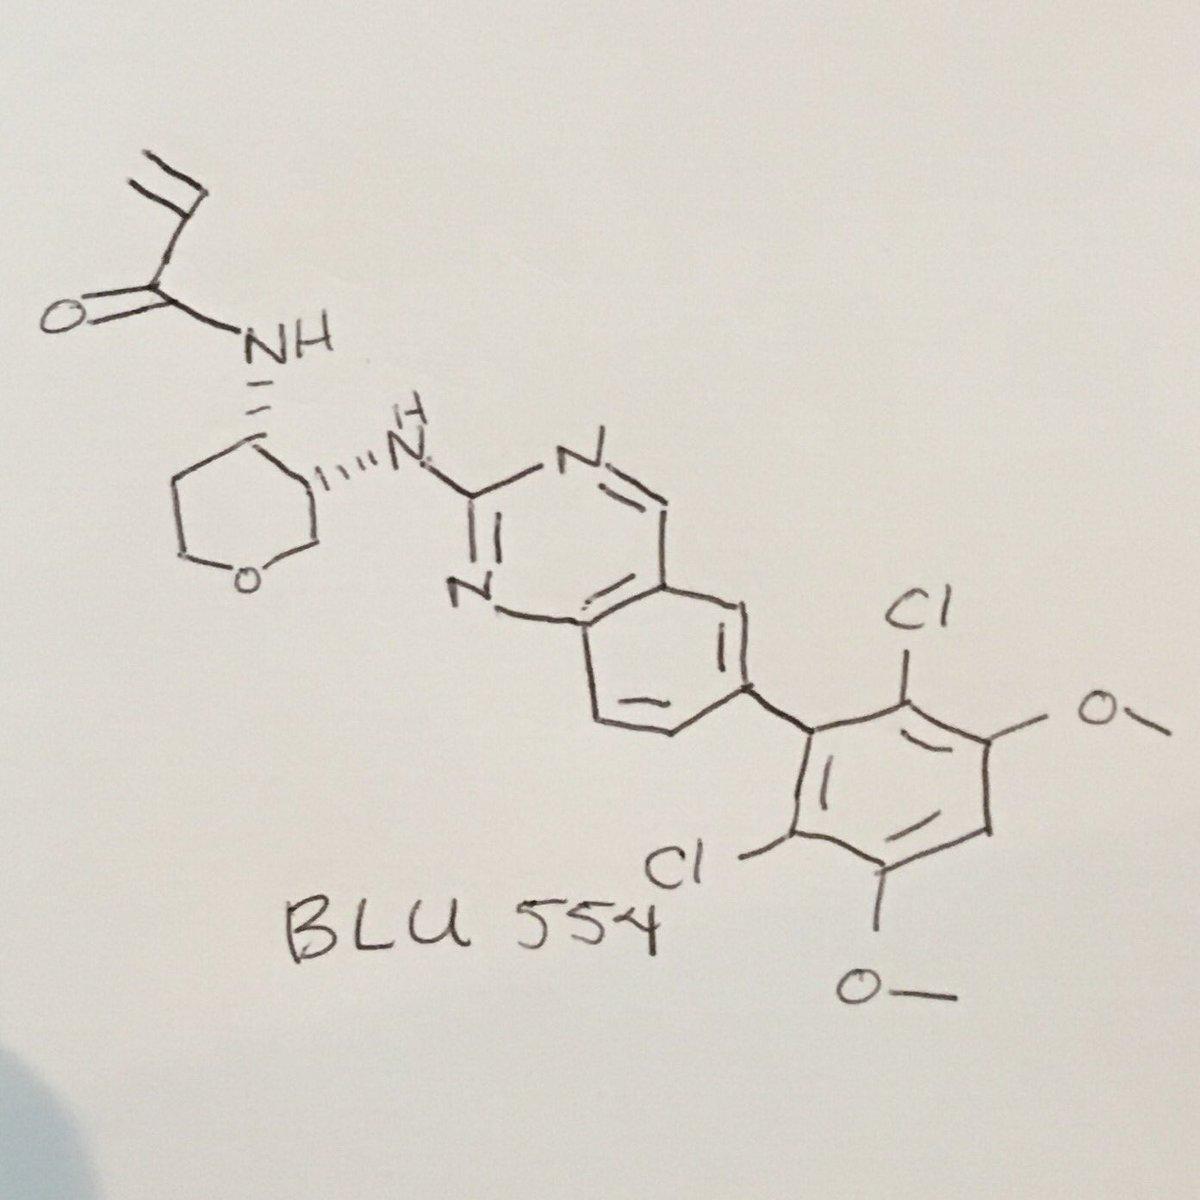 Blu 554 new drug approvals str0 malvernweather Images